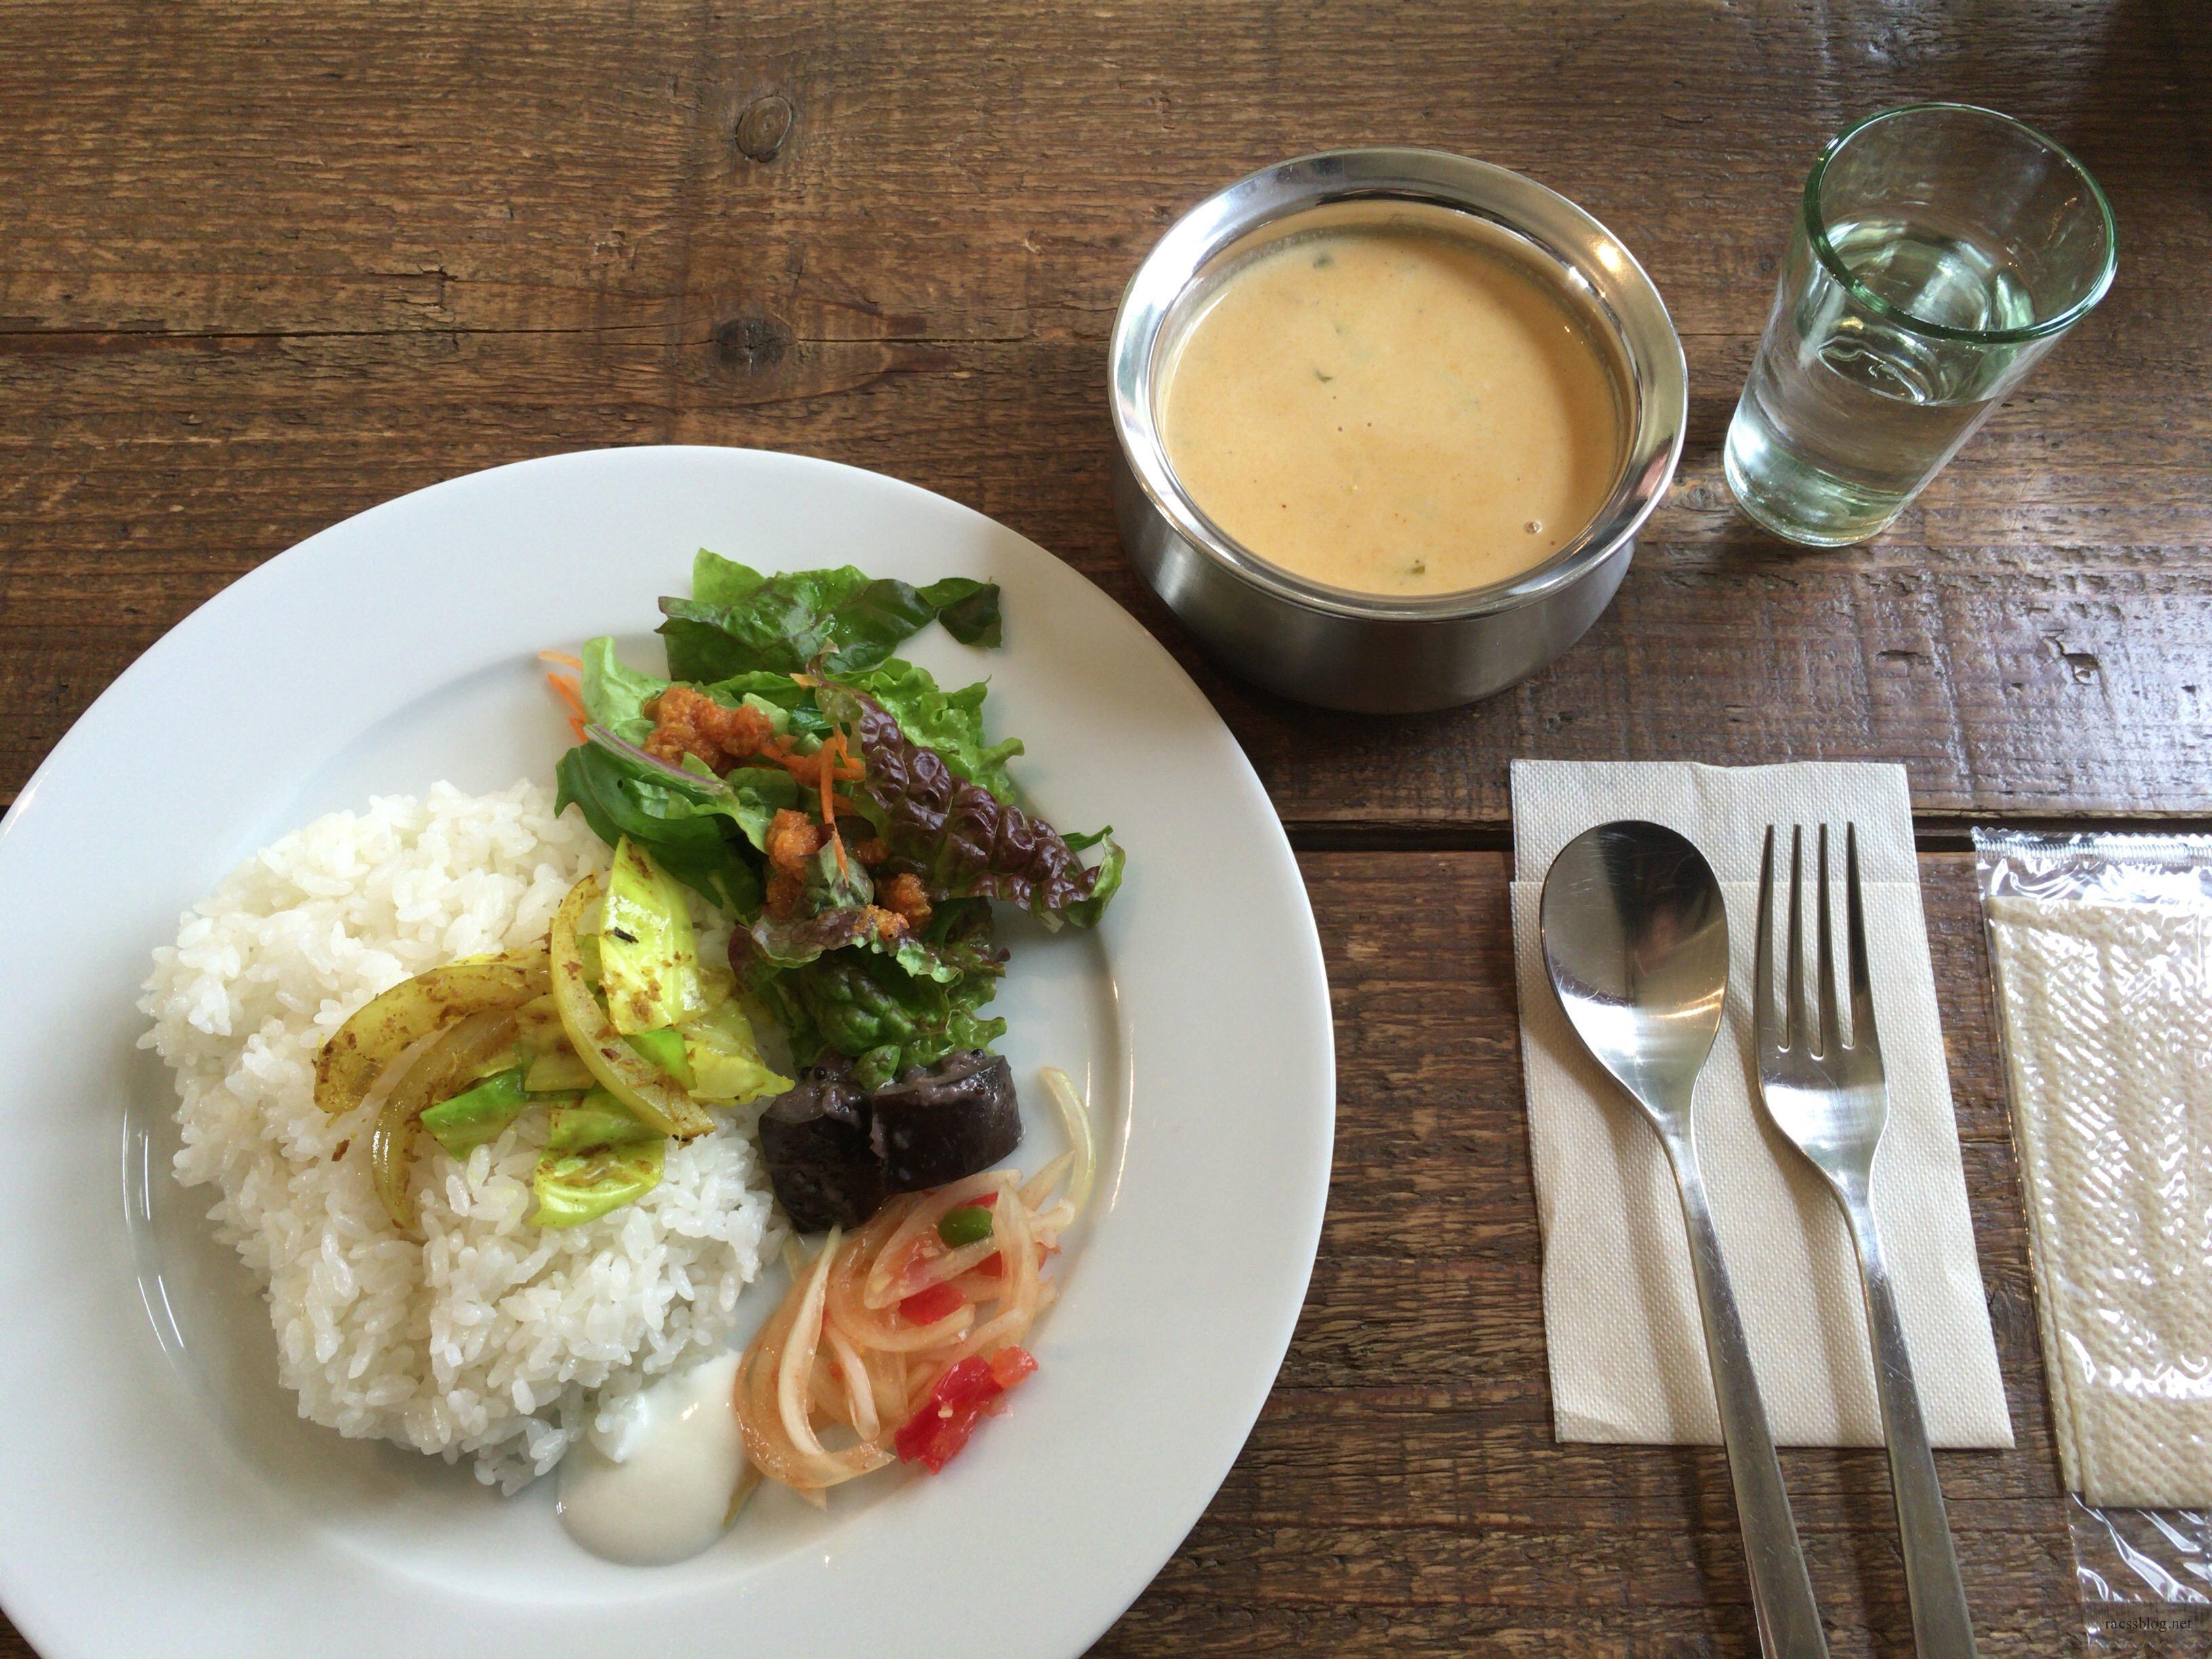 長沼町のshandi nivas cafeでココナッツカレー